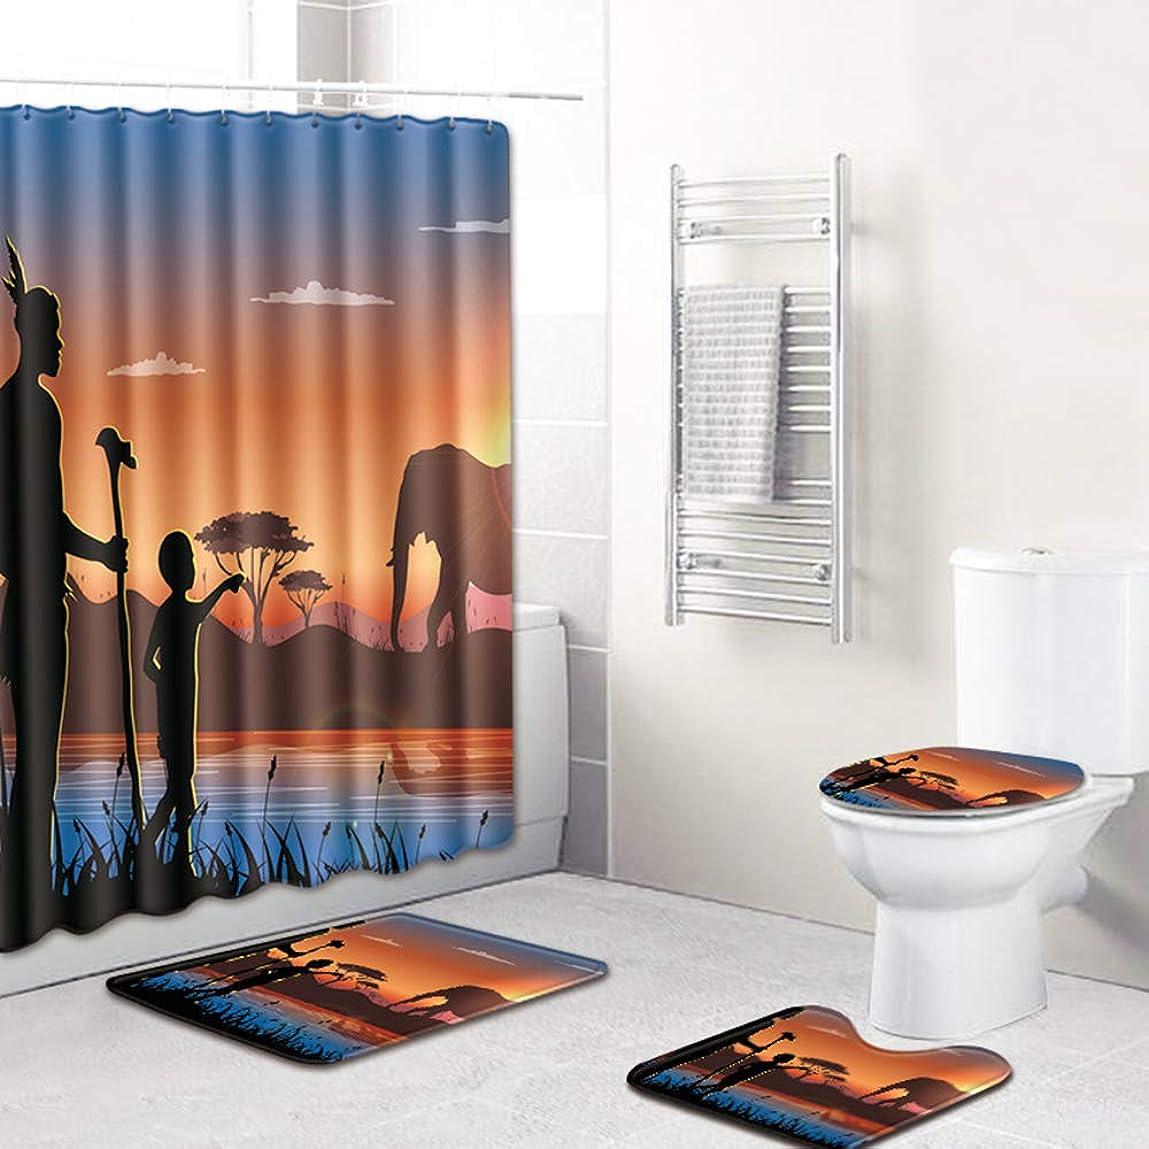 官僚買うプレミア4ピースアフリカスタイルの風景ポリエステルシャワーカーテンセット非スリップラグカーペット用浴室トイレフランネル風呂マットセット (A1)